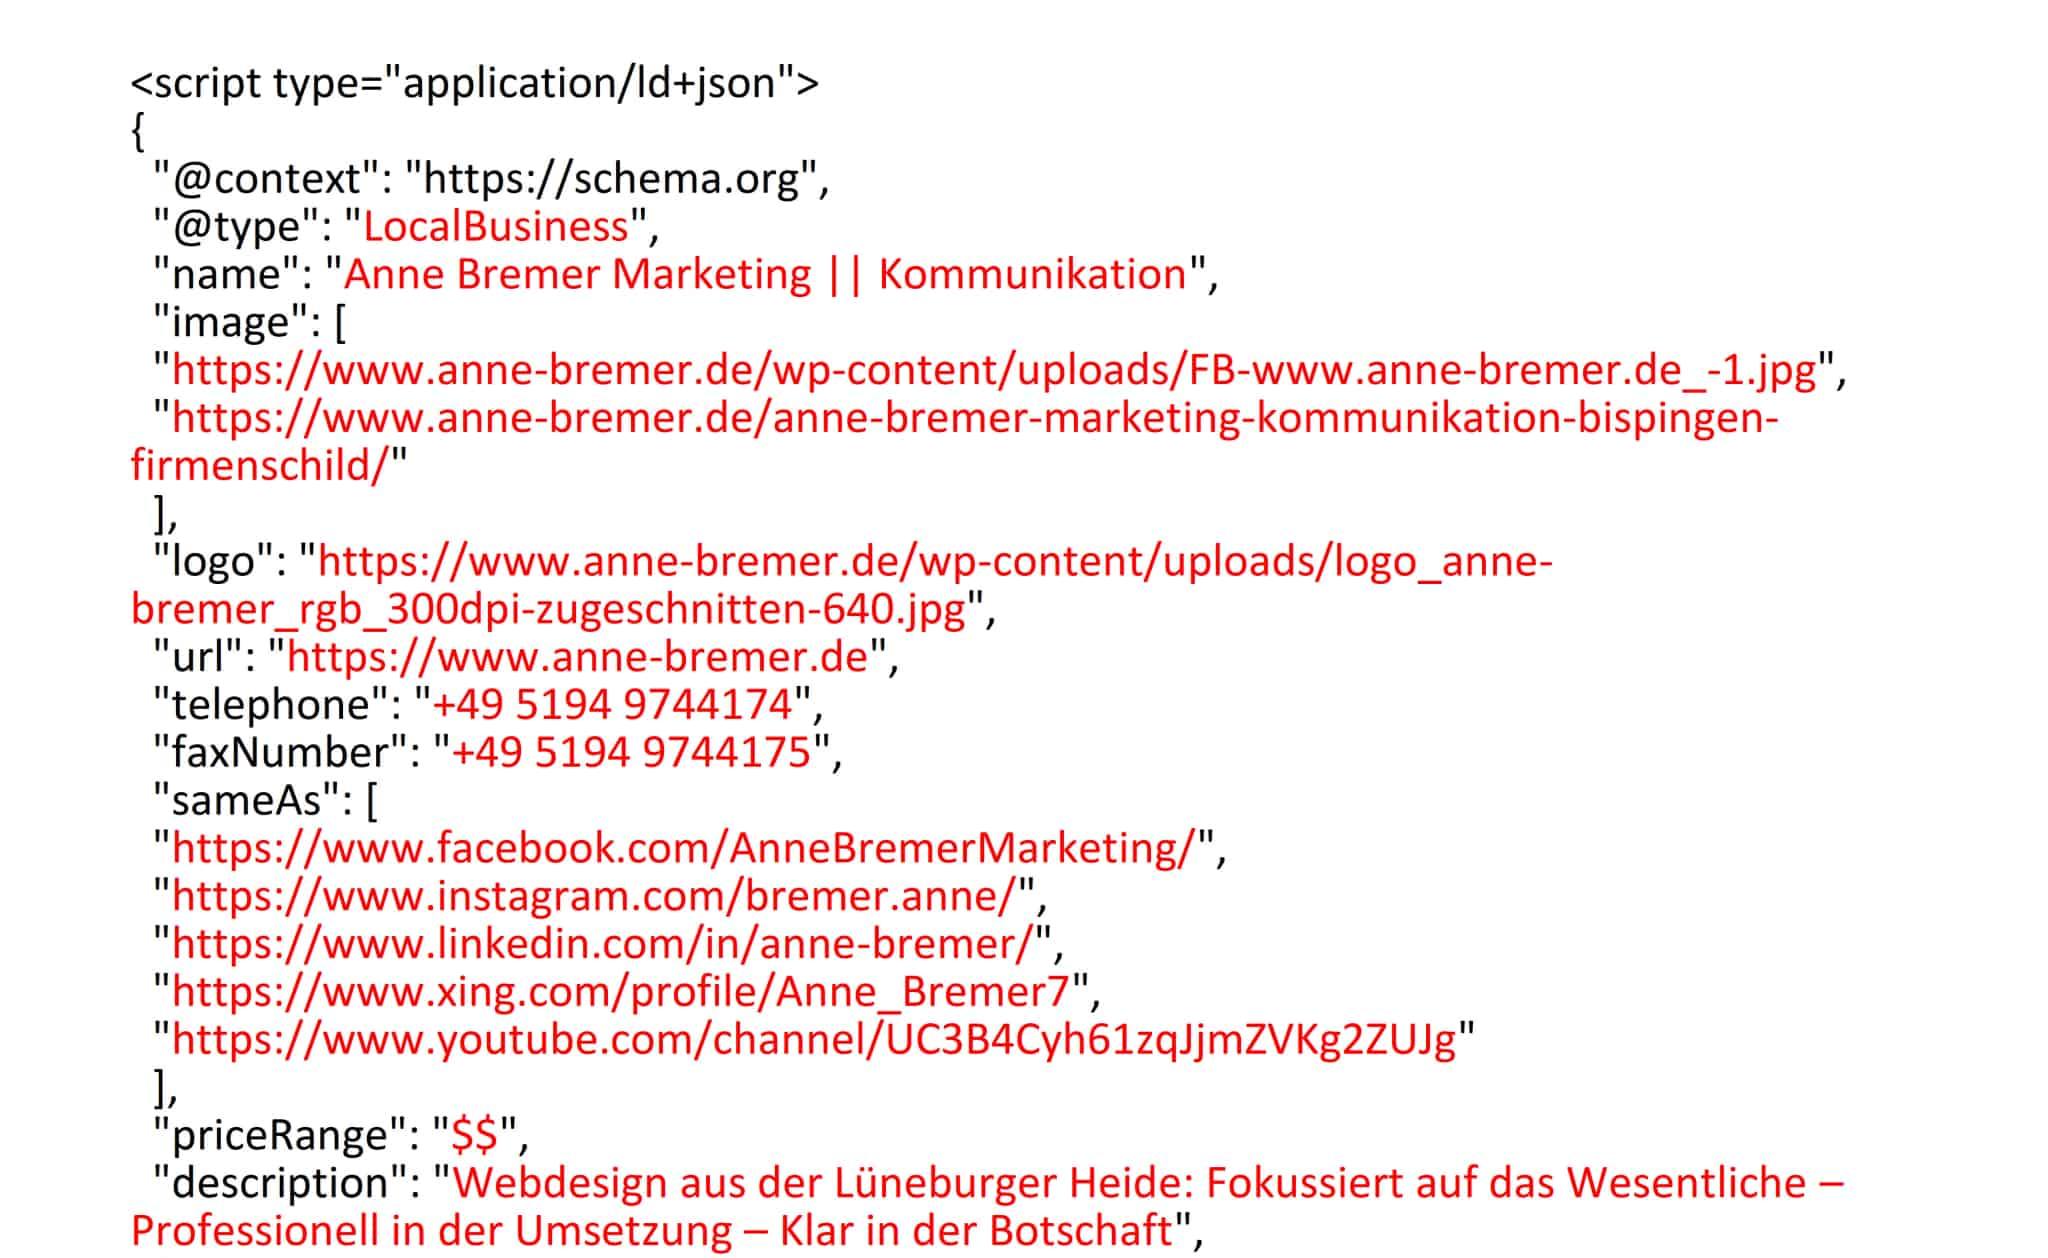 Vorlage: Strukturierte Daten im Format JSON-LD für Lokale Brancheneinträge